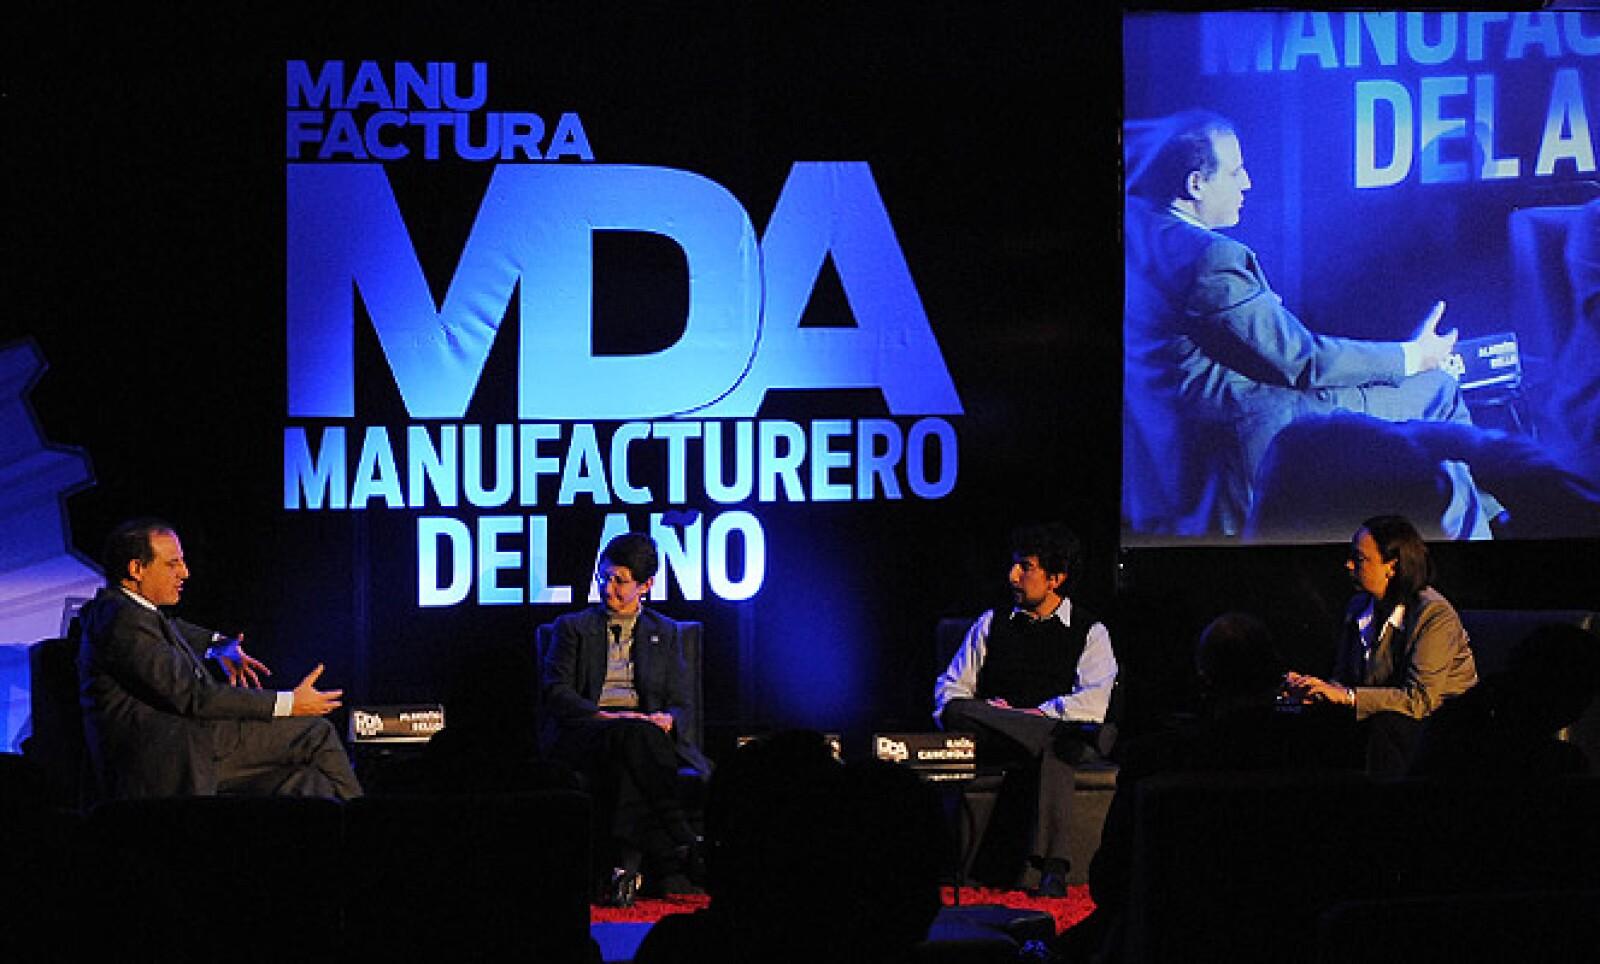 Los panelistas dieron sus puntos de vista y expectativas sobre el futuro de la sustentabilidad en el país.